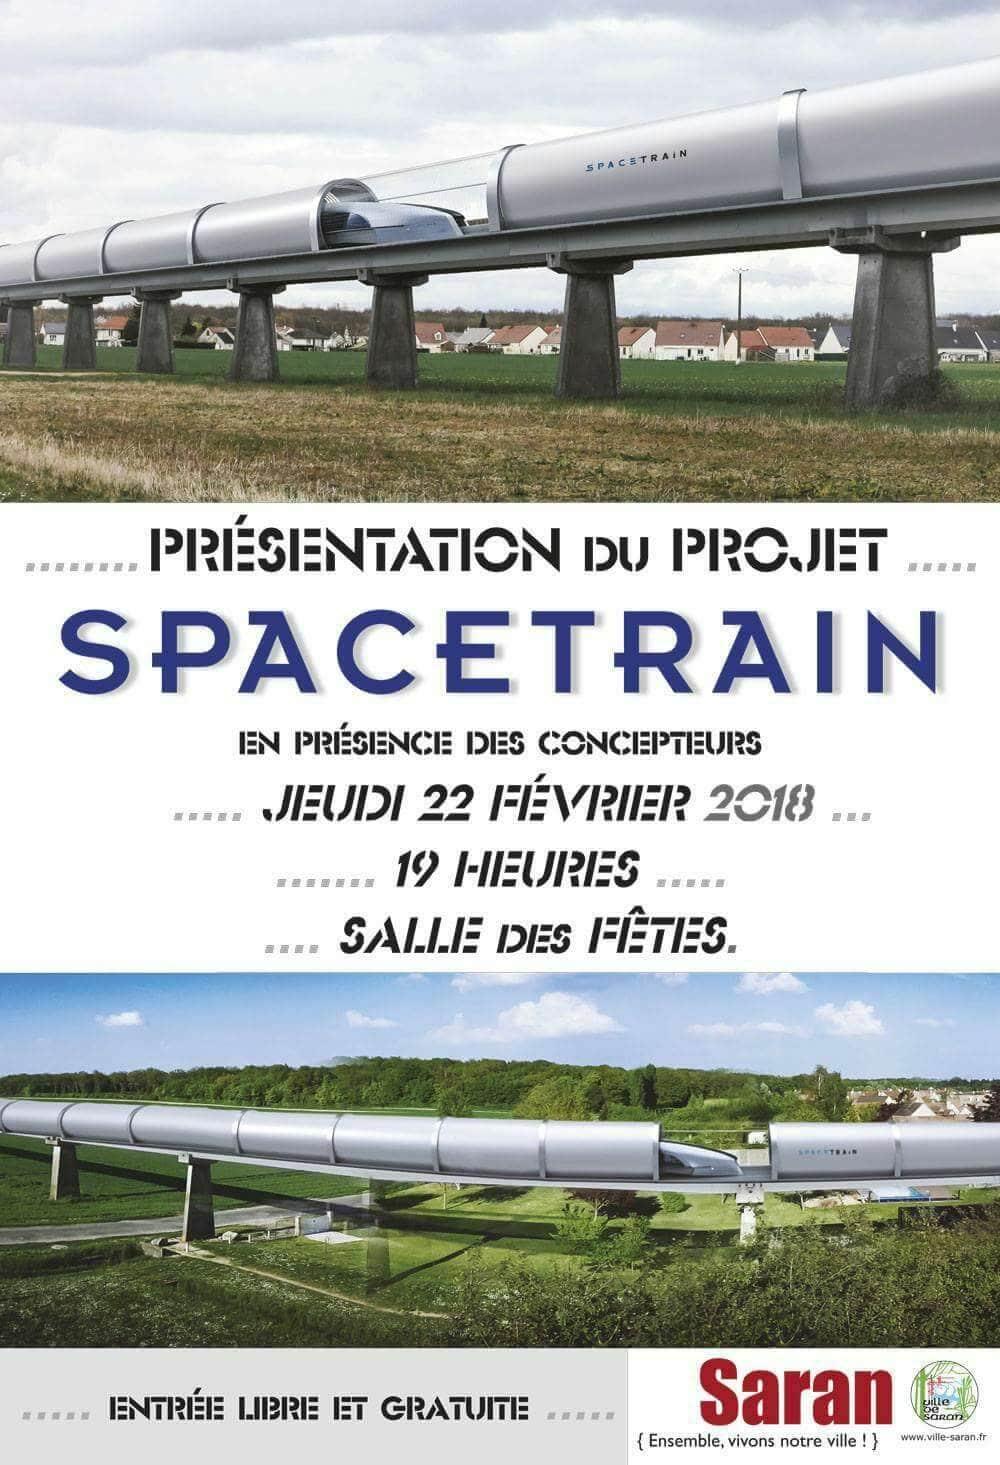 SpaceTrain, 36 mois pour faire revivre l'Aérotrain 2